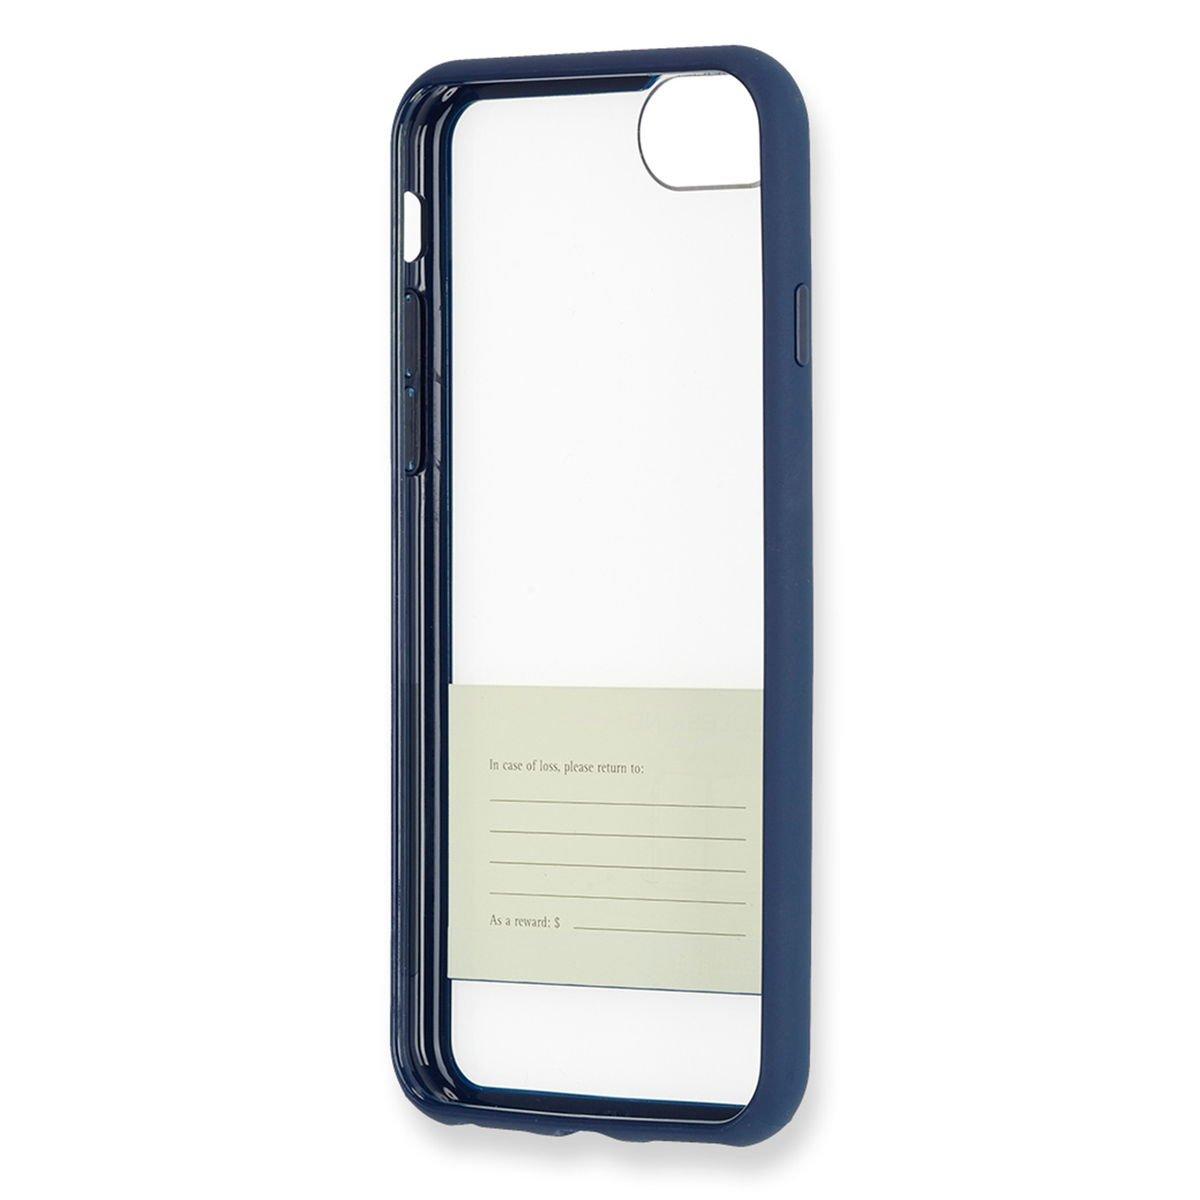 Moleskine Hartschalenetui (Durchsichtige Papierbanderole) geeignet für Iphone 7, stahlblau